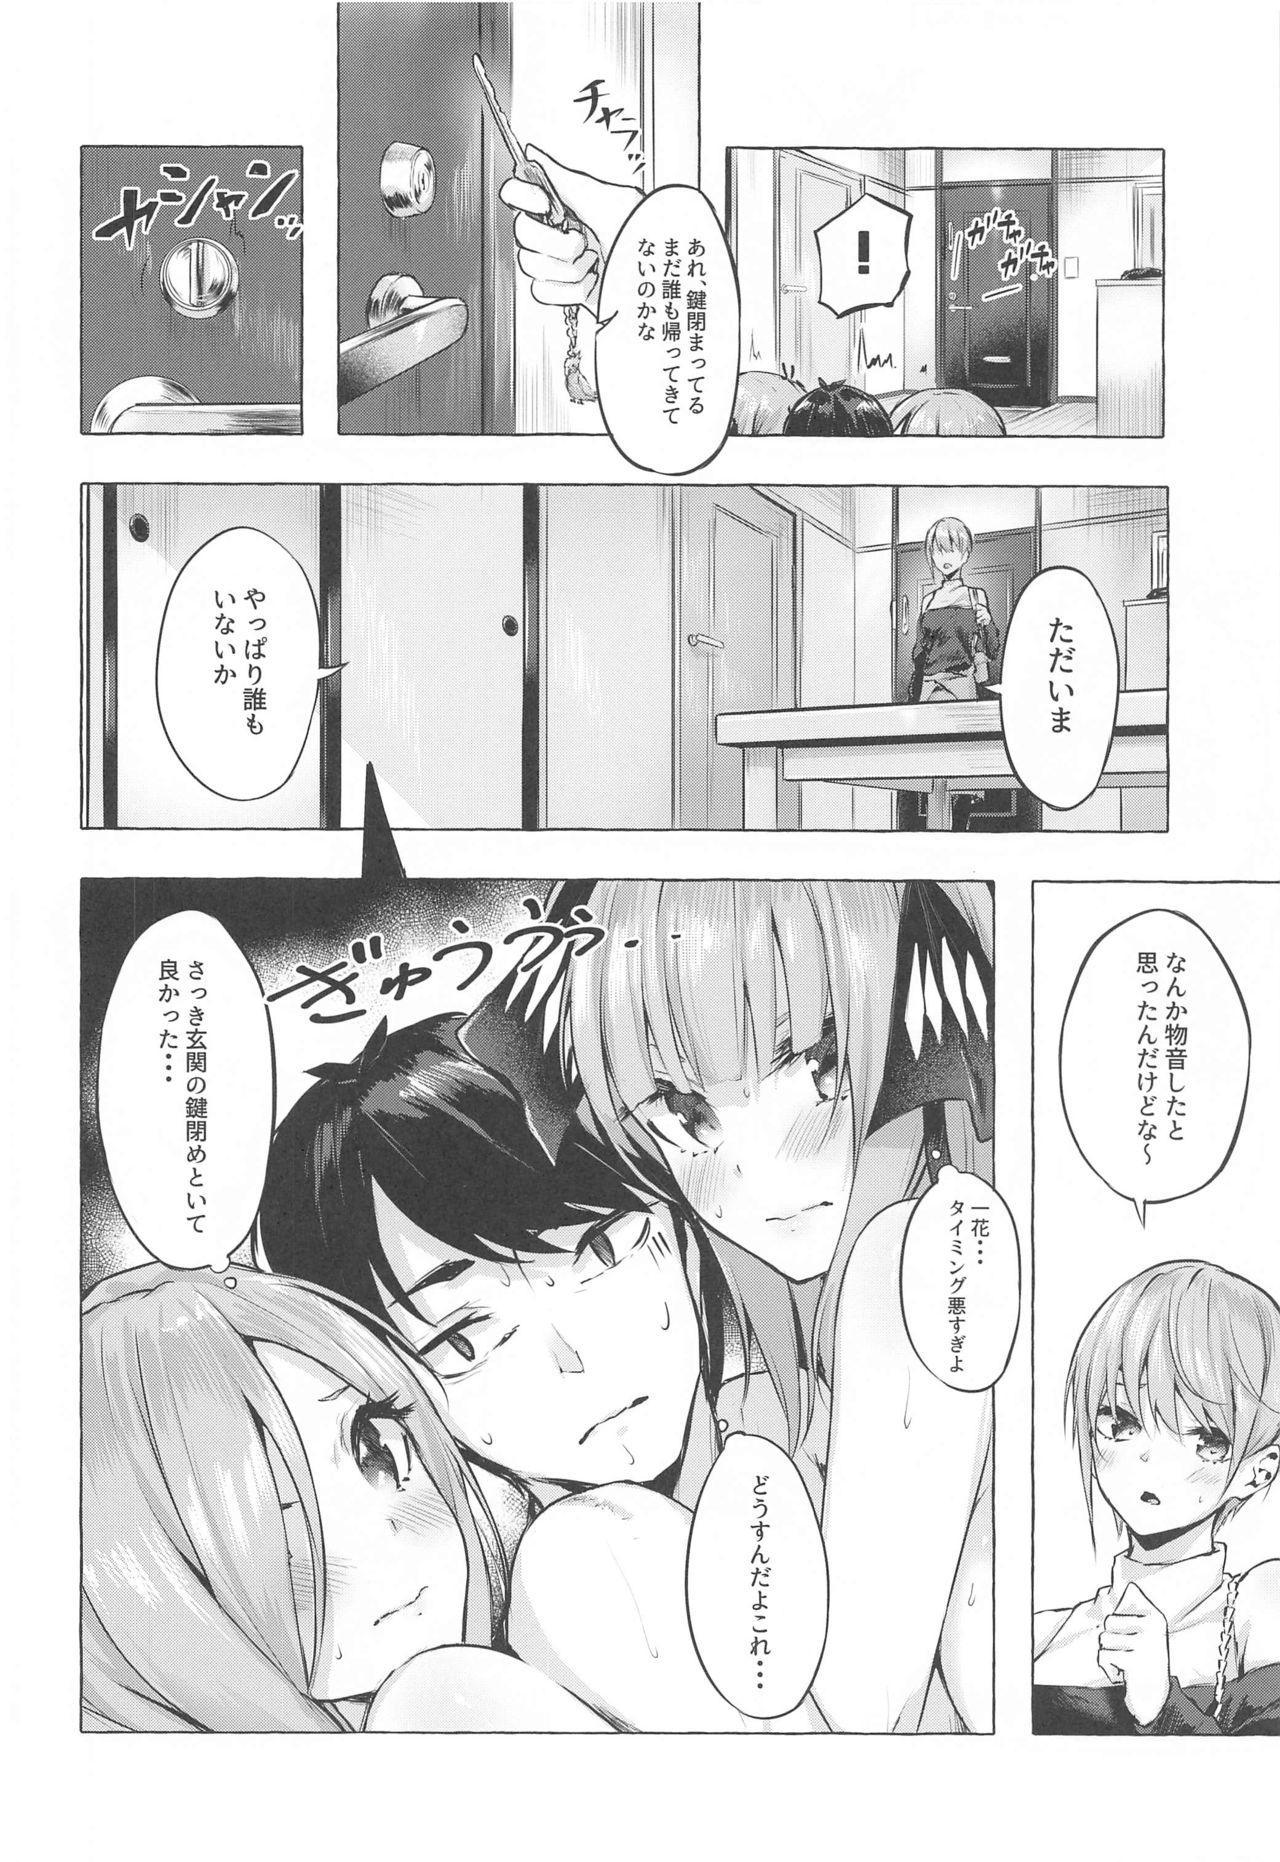 Hanayome no Kakuritsu 8